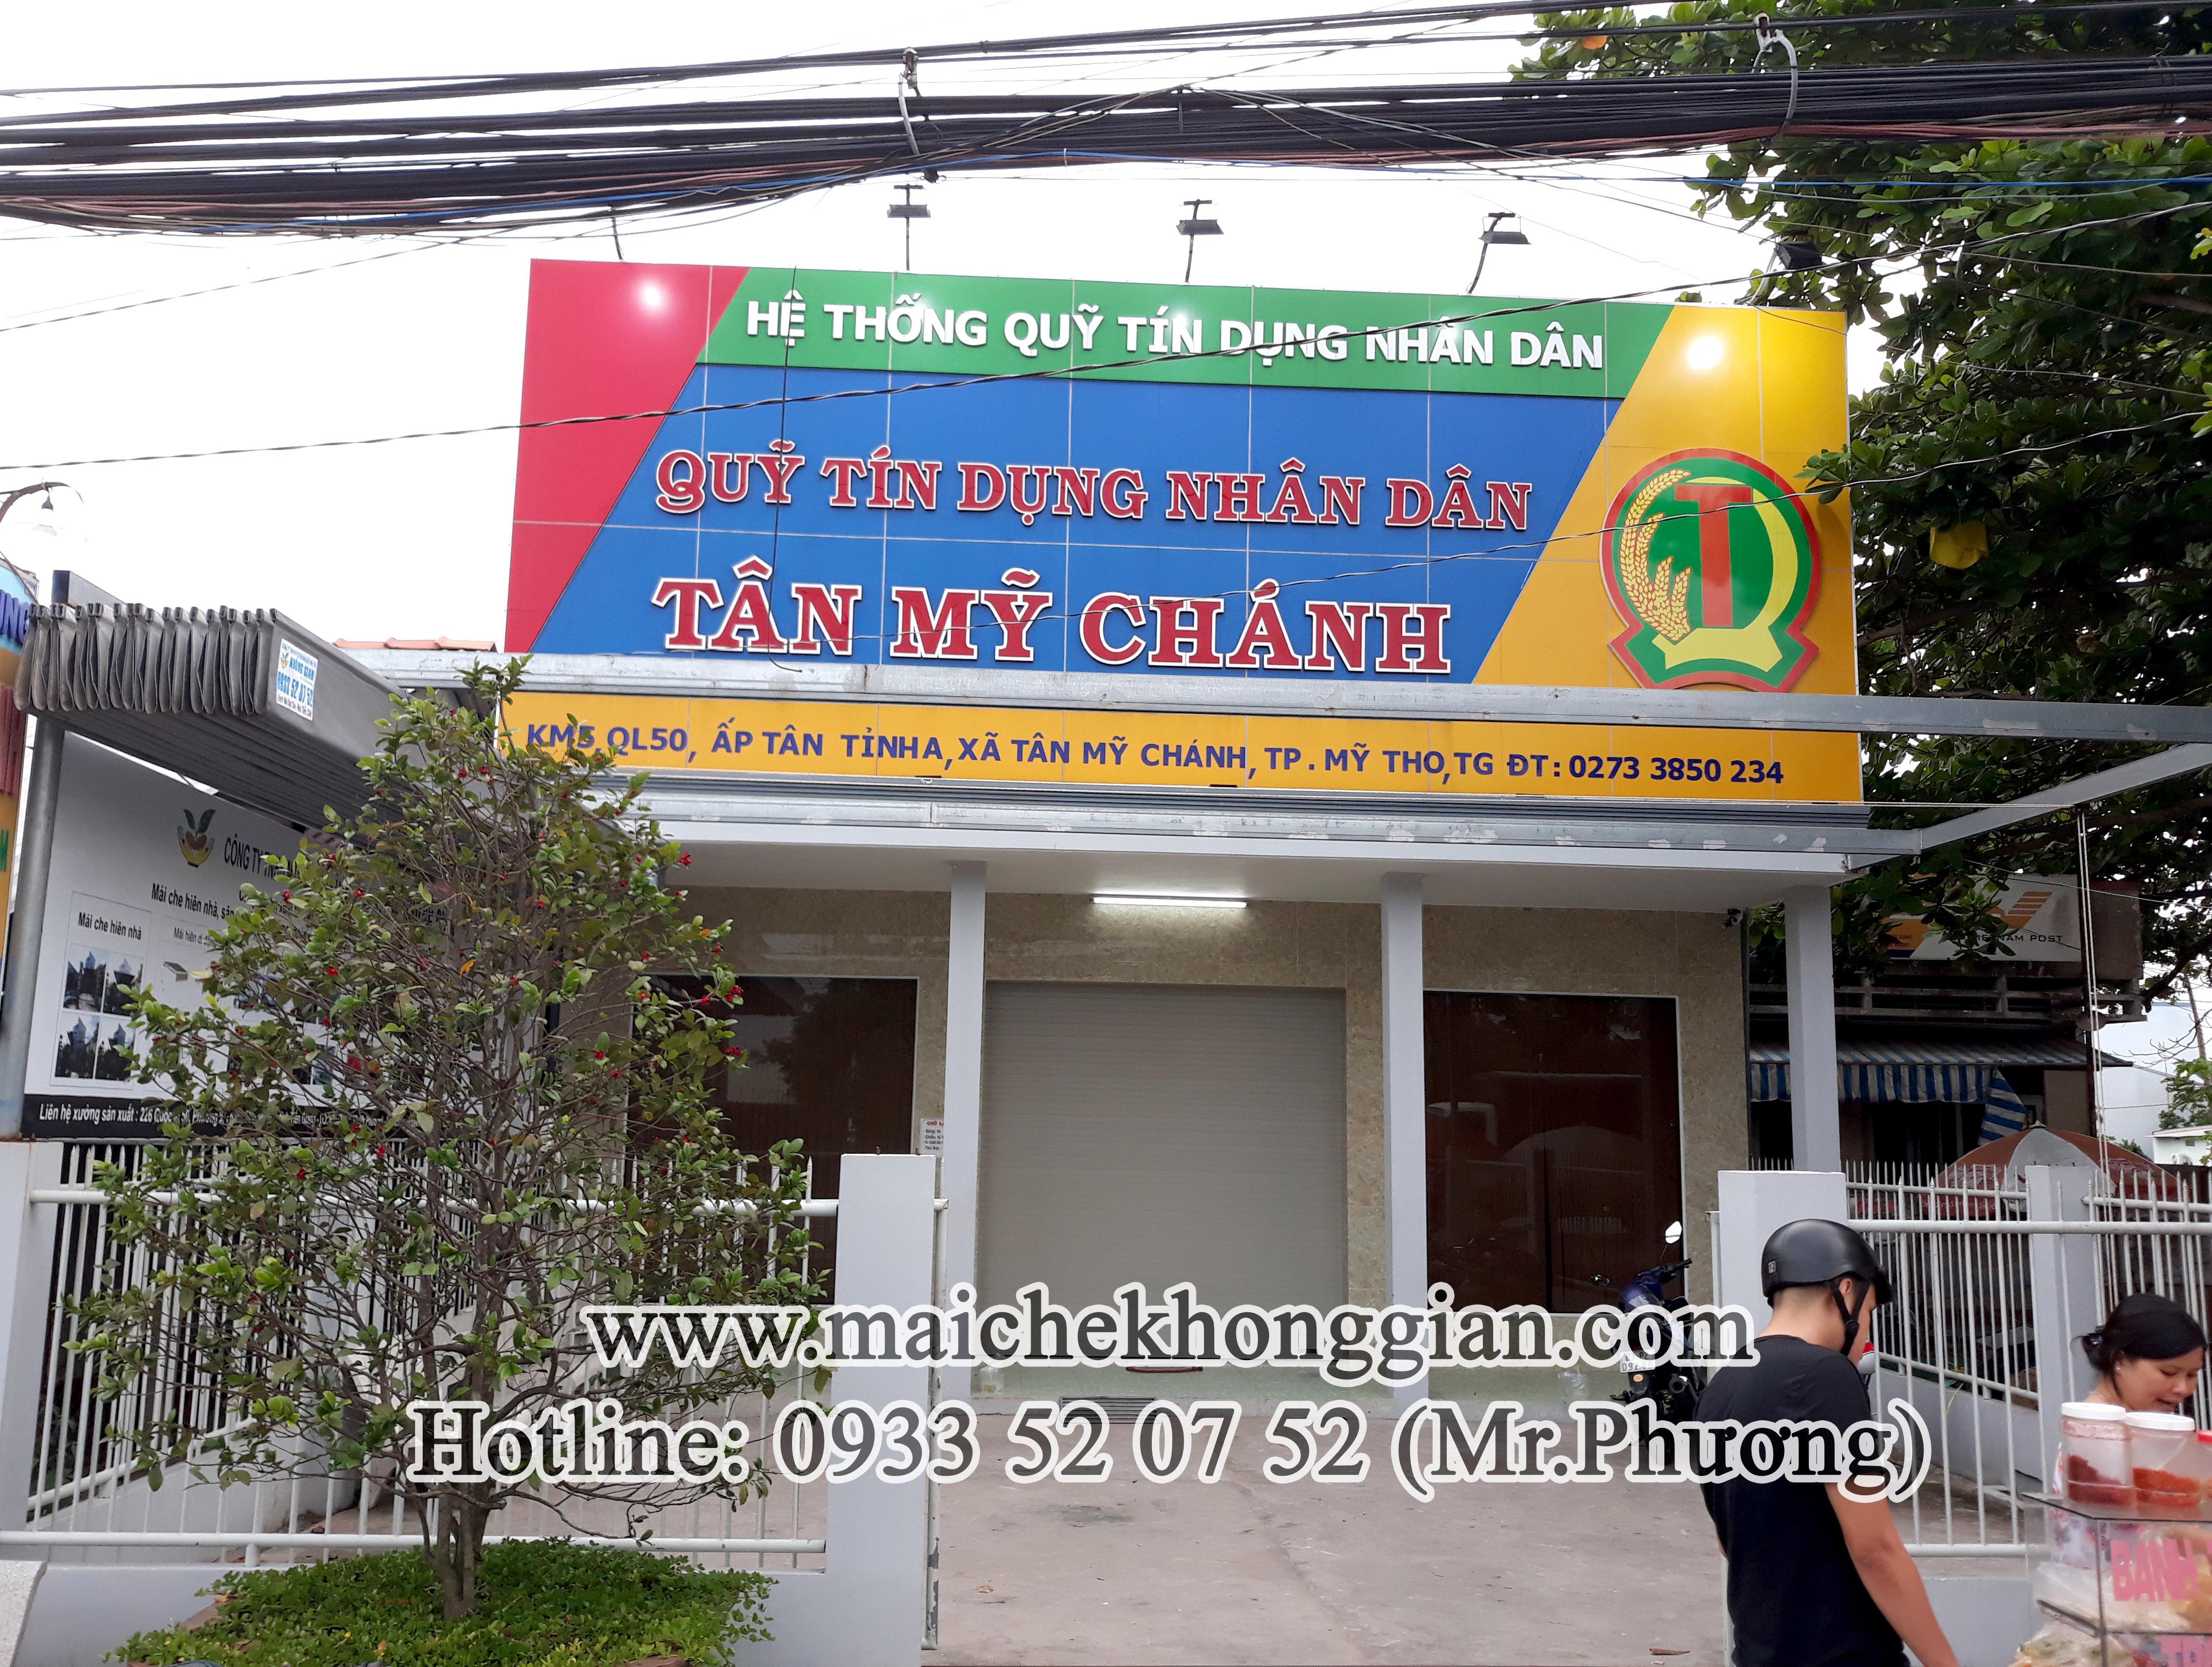 Mái Che Ngân Hàng Gò Công Tây Tiền Giang